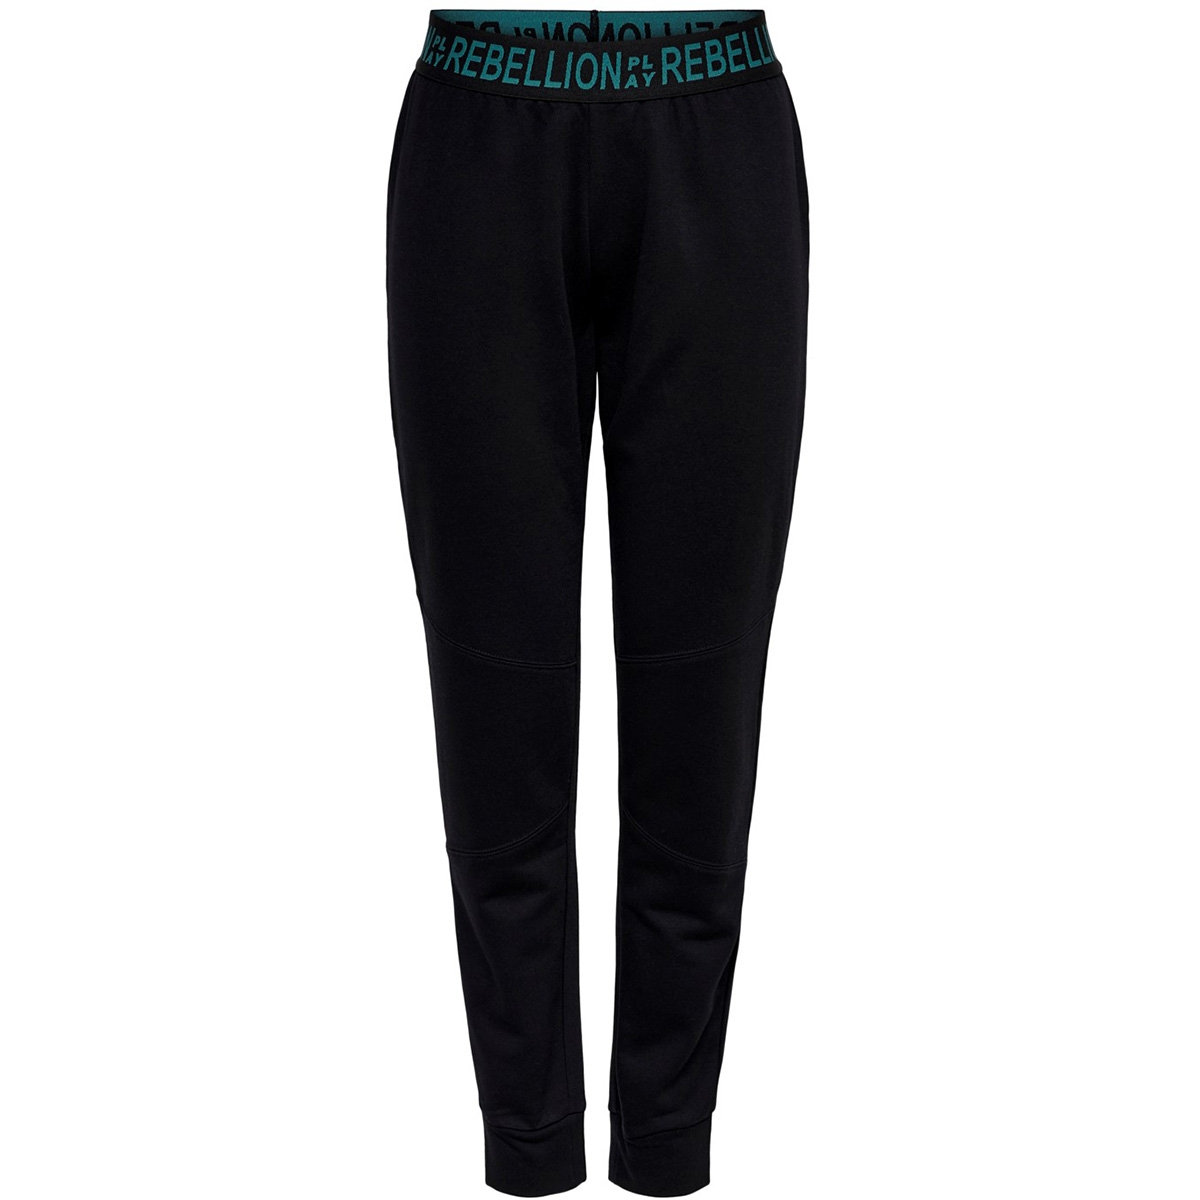 onpaeries loose brush sweat pants 15175557 only play sport broek black/w. shaded